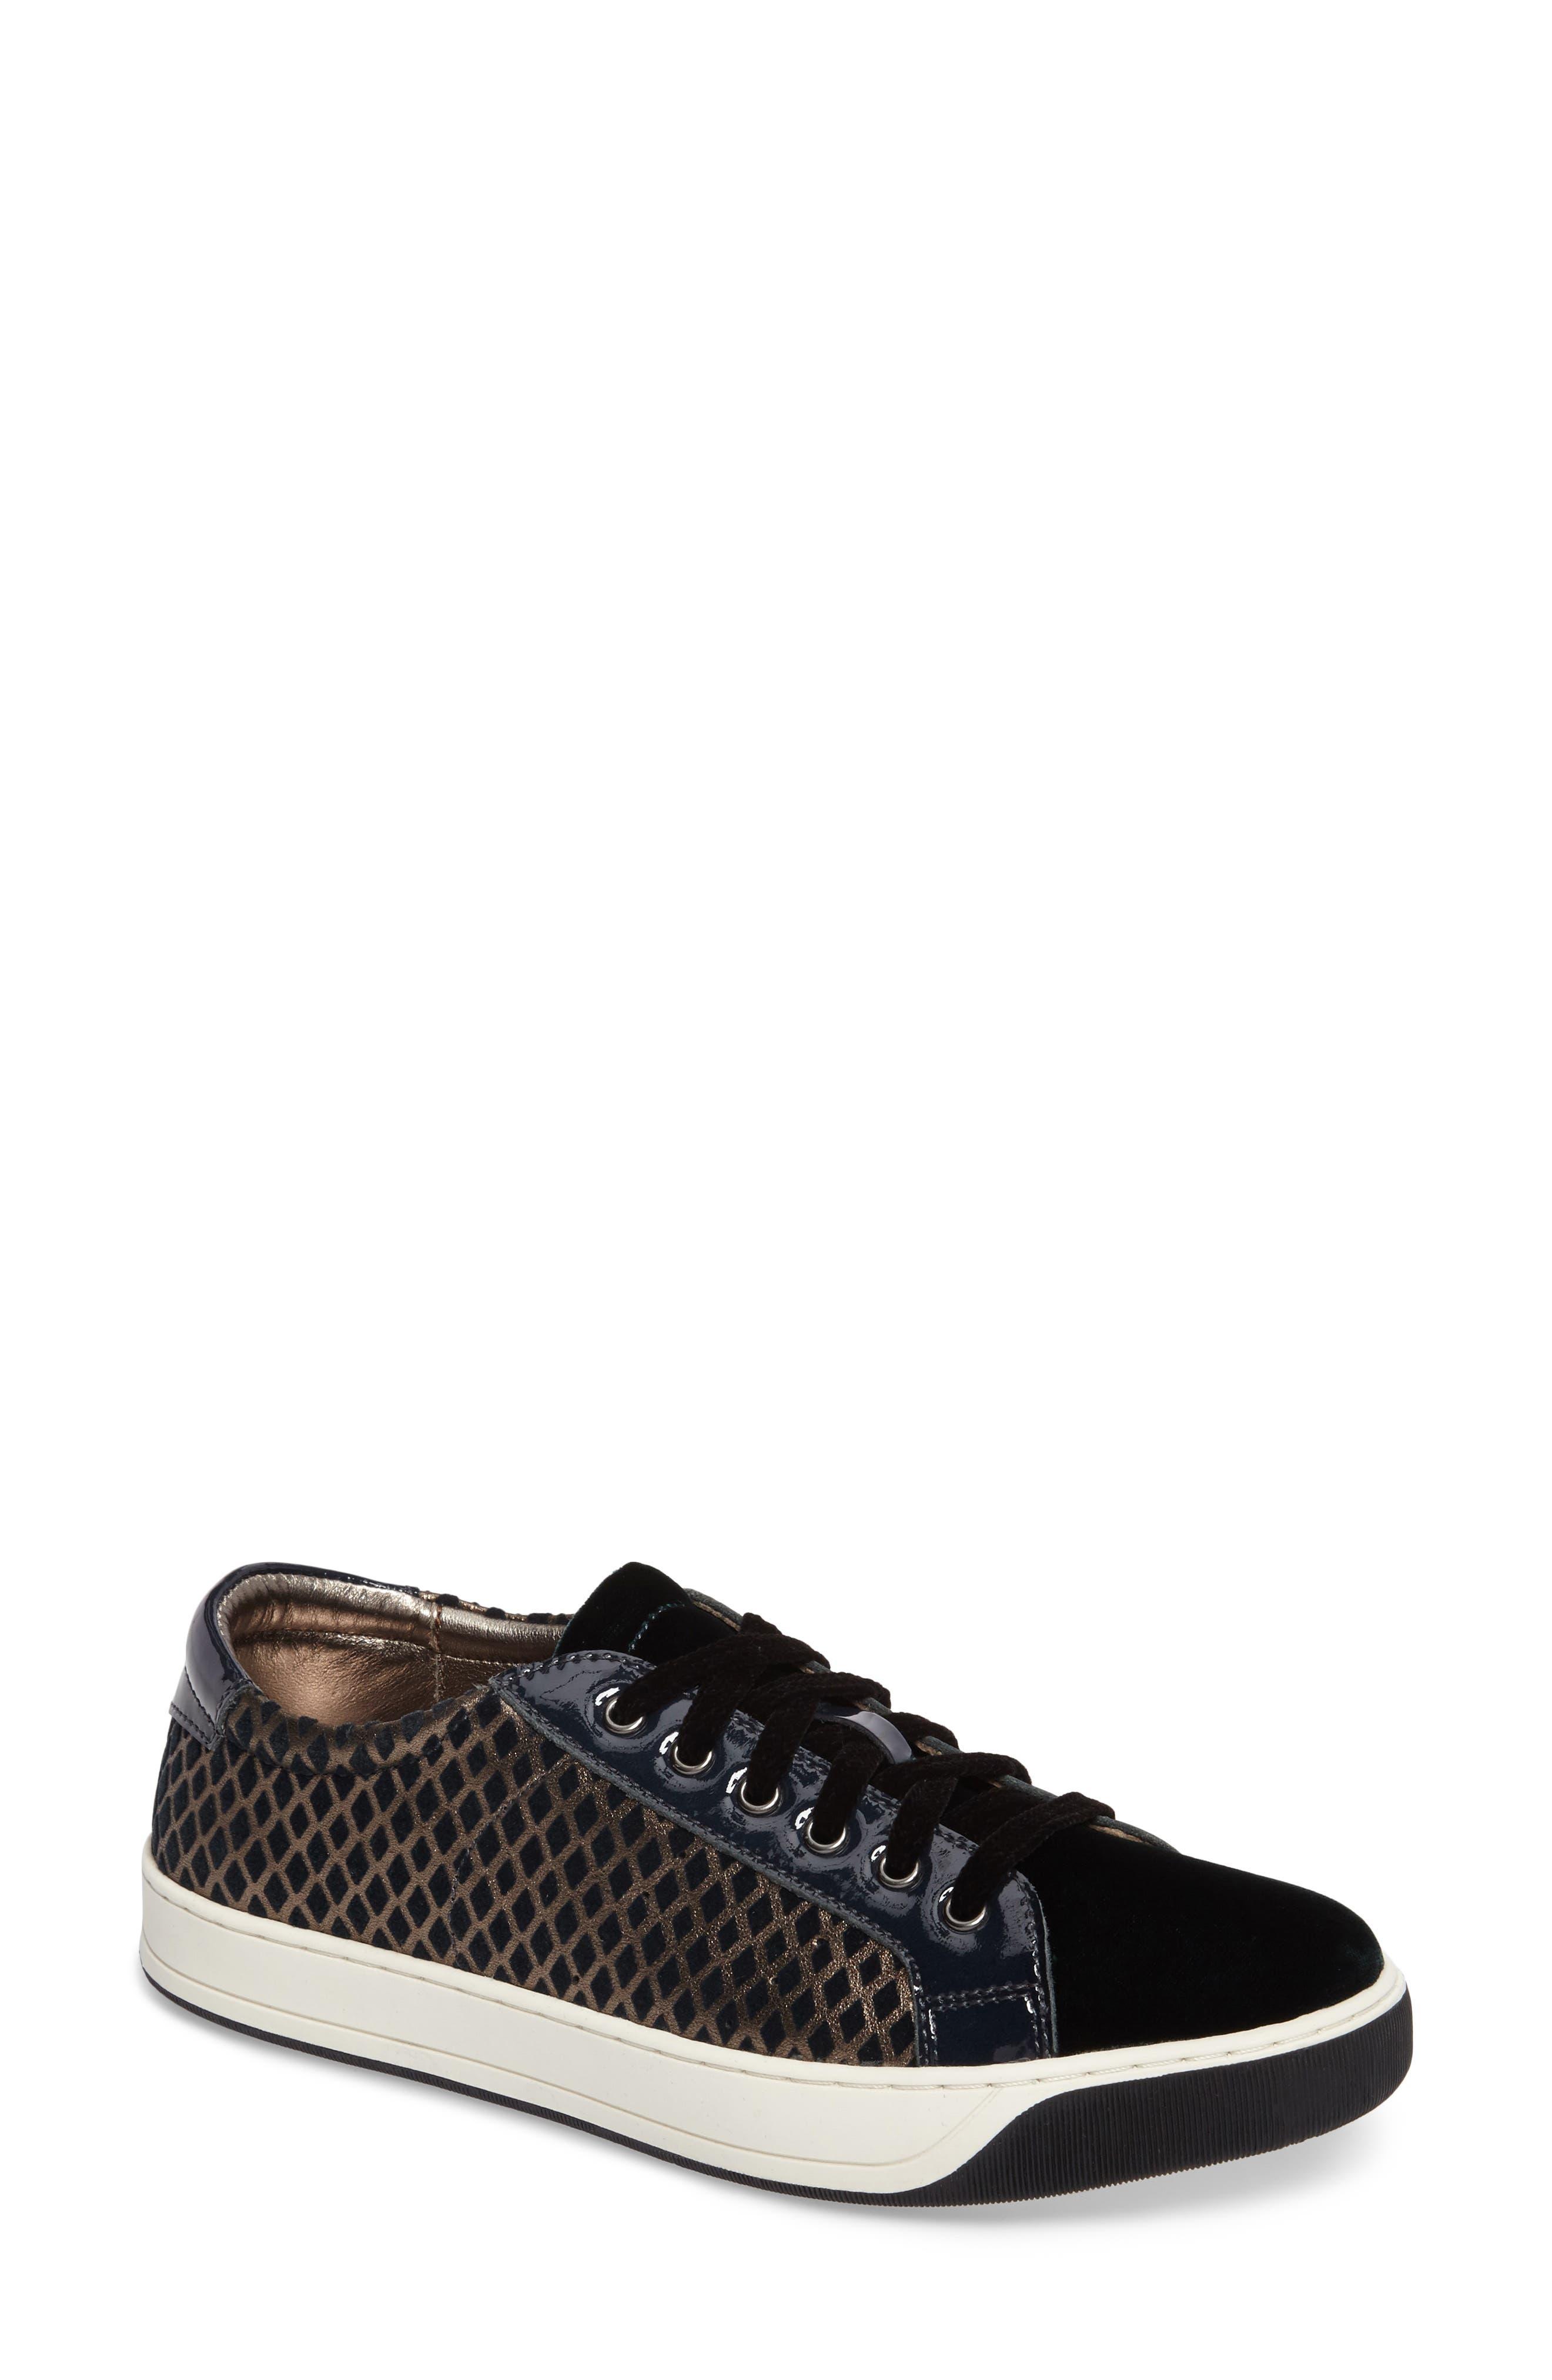 Johnston & Murphy 'Emerson' Sneaker (Women)